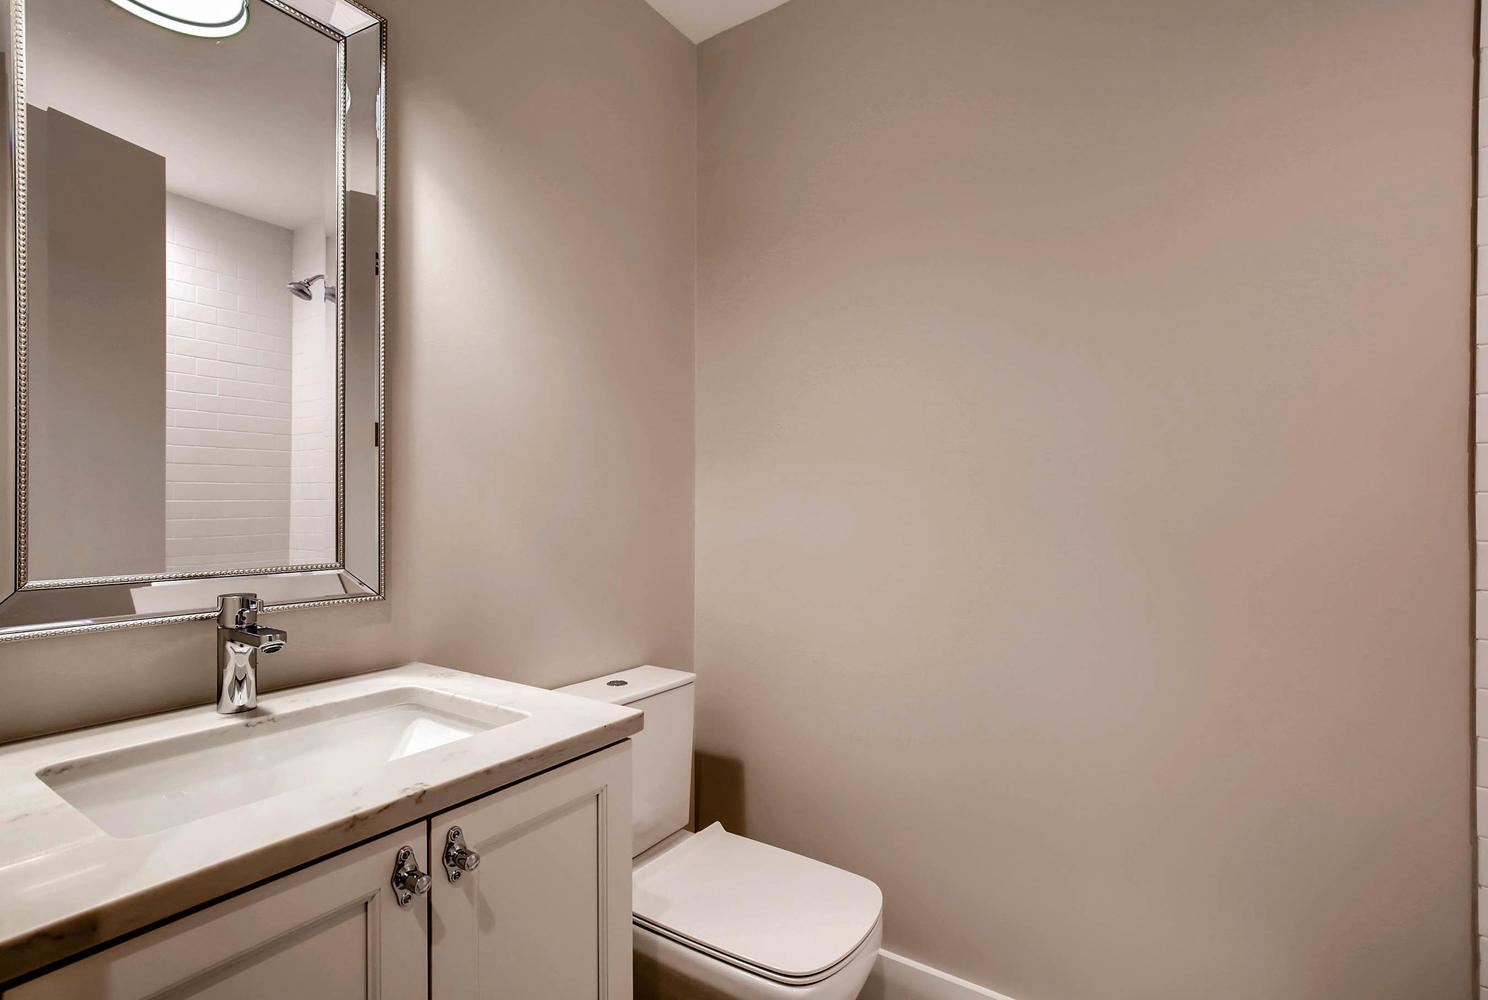 877 N HERMITAGE AVE UNIT 1-large-011-5-Bathroom-1488x1000-72dpi.jpg